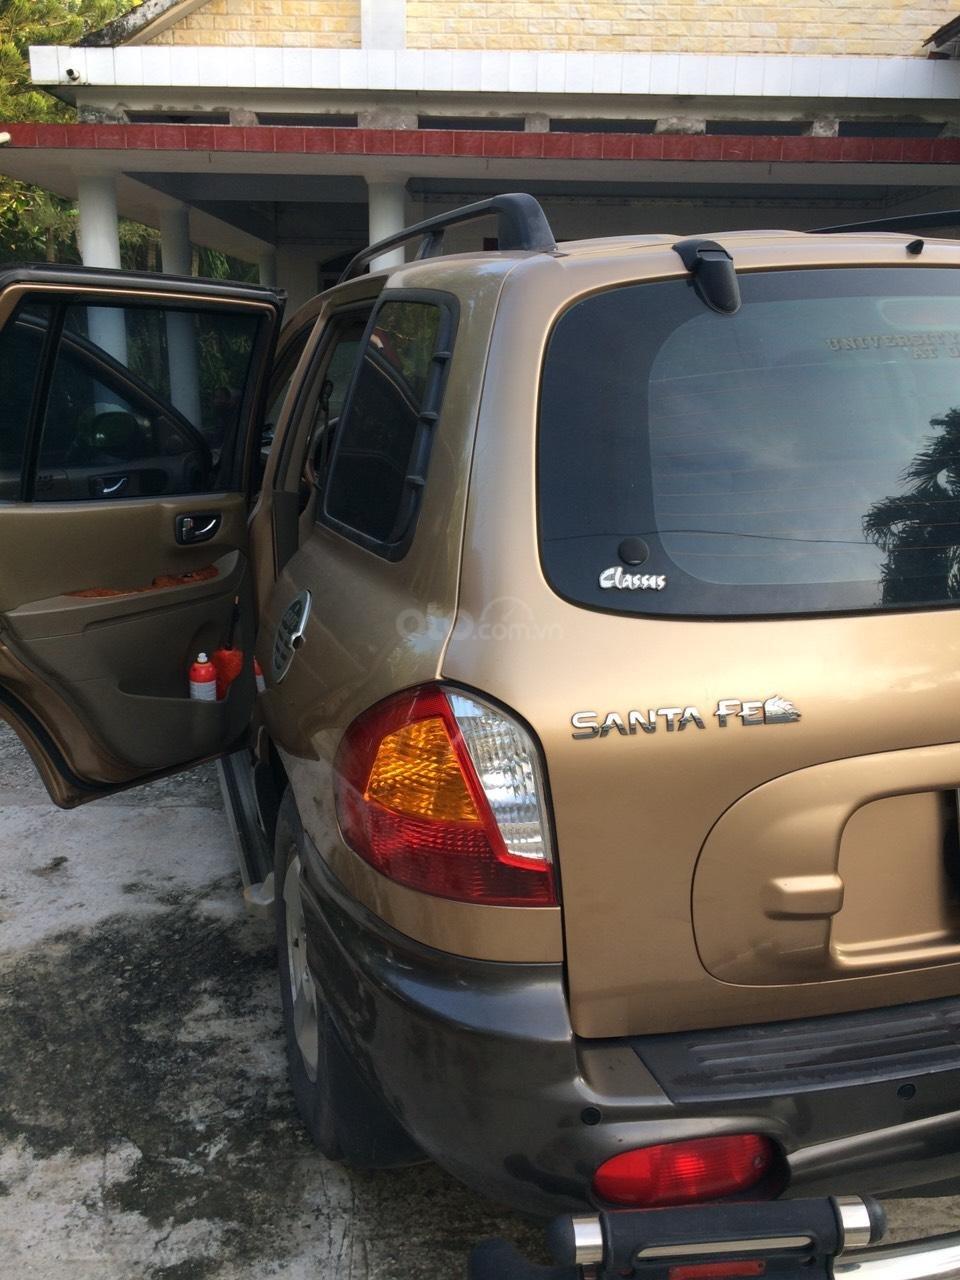 Bán Hyundai Santa Fe sản xuất năm 2003, màu nâu, nhập khẩu nguyên chiếc, giá 250tr (11)